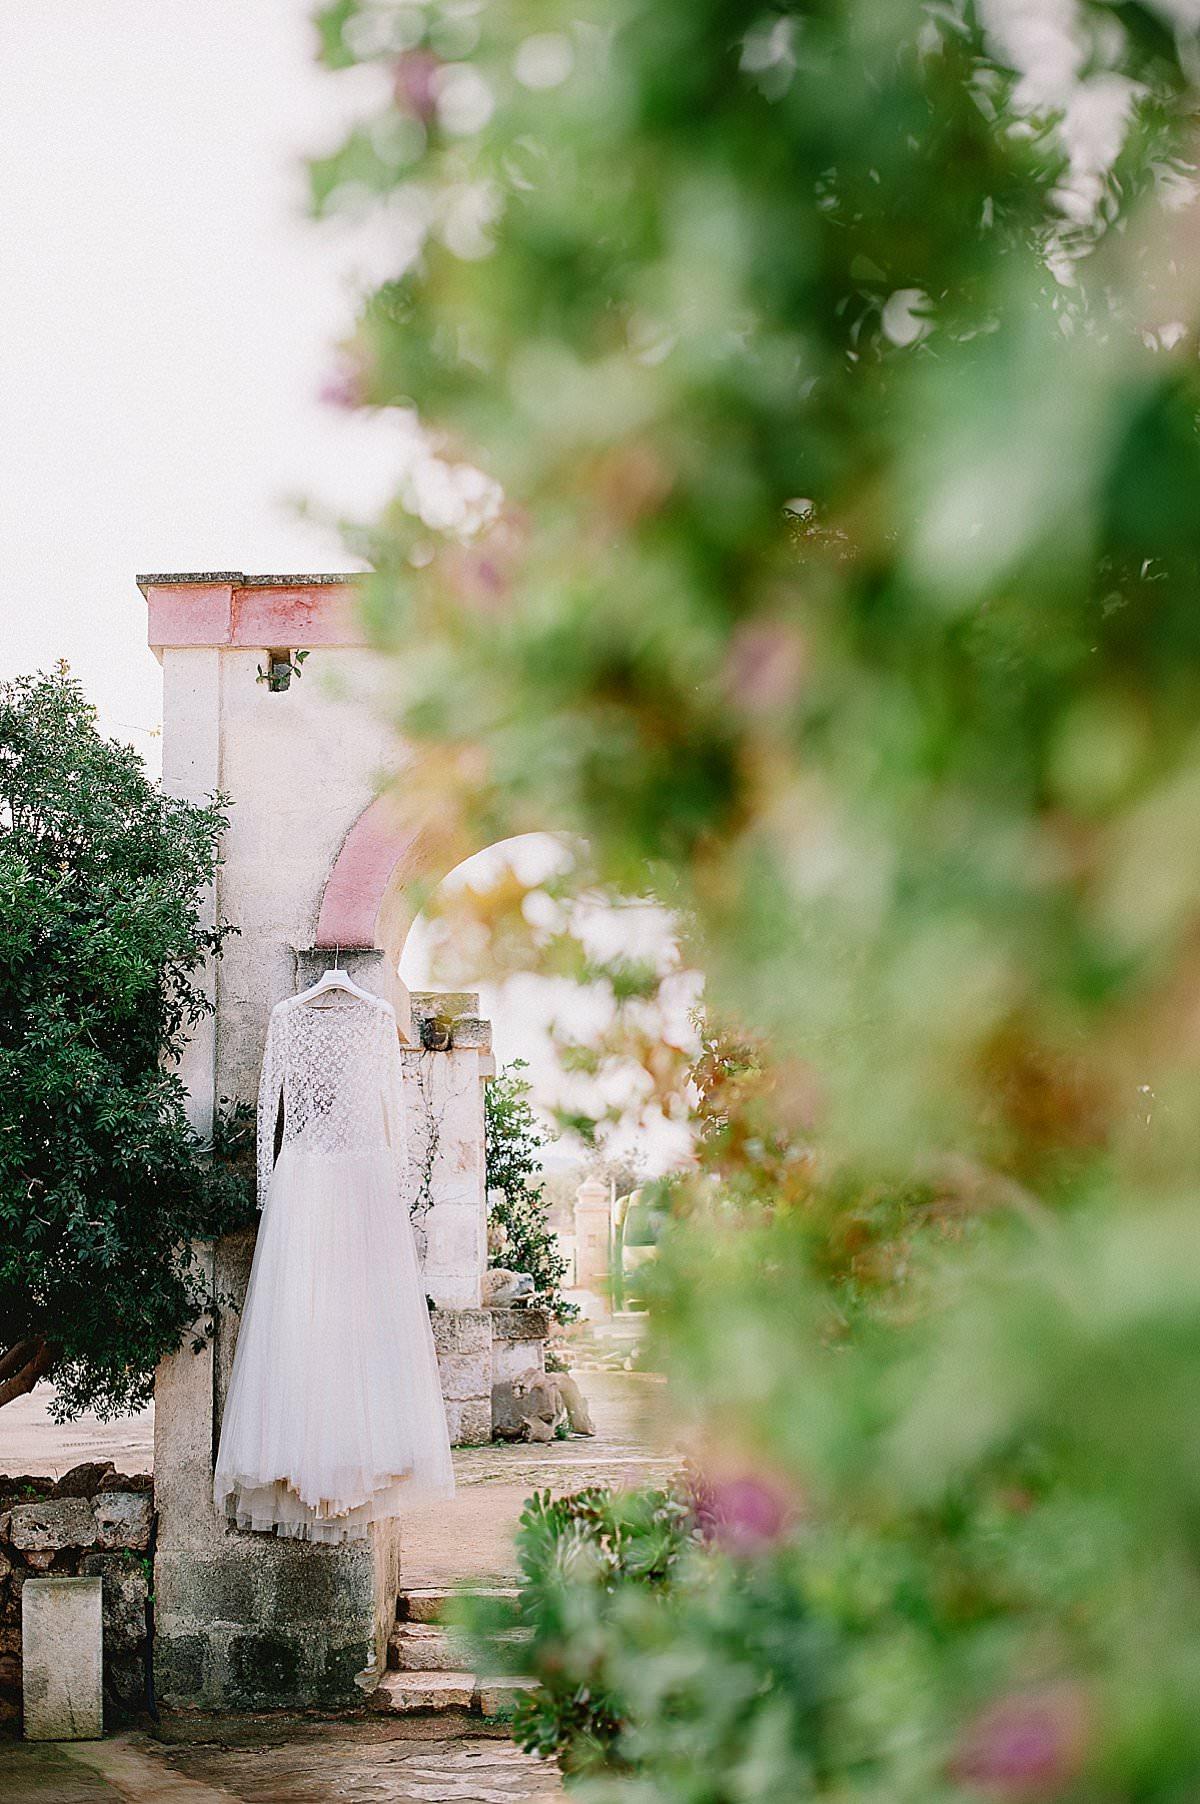 Venezia Images_0250